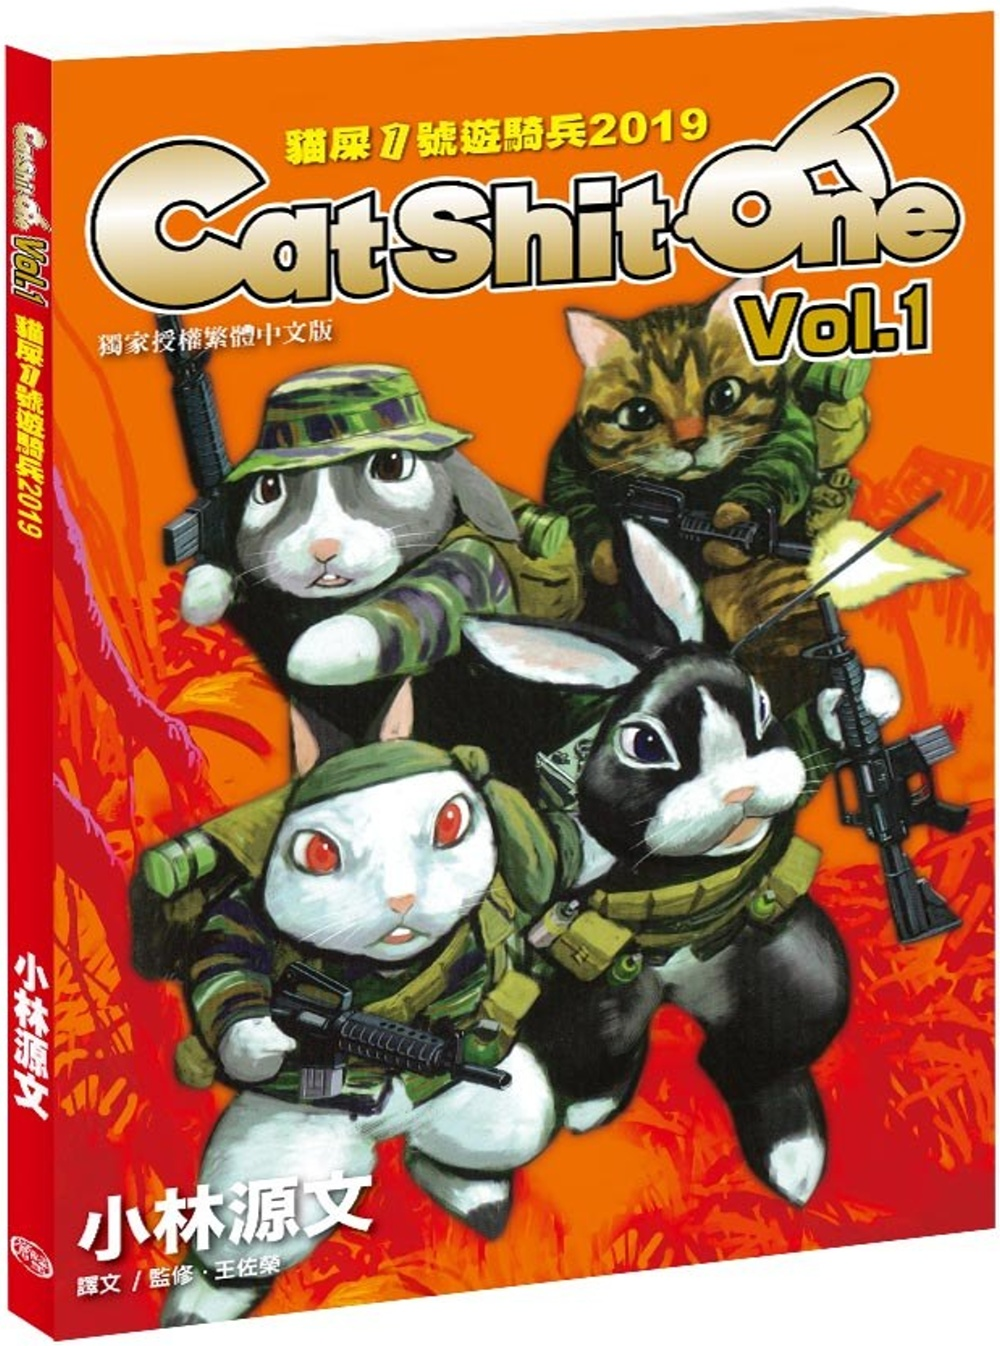 貓屎1號遊騎兵2019 Cat Shit One VOL.1(A4大開本)